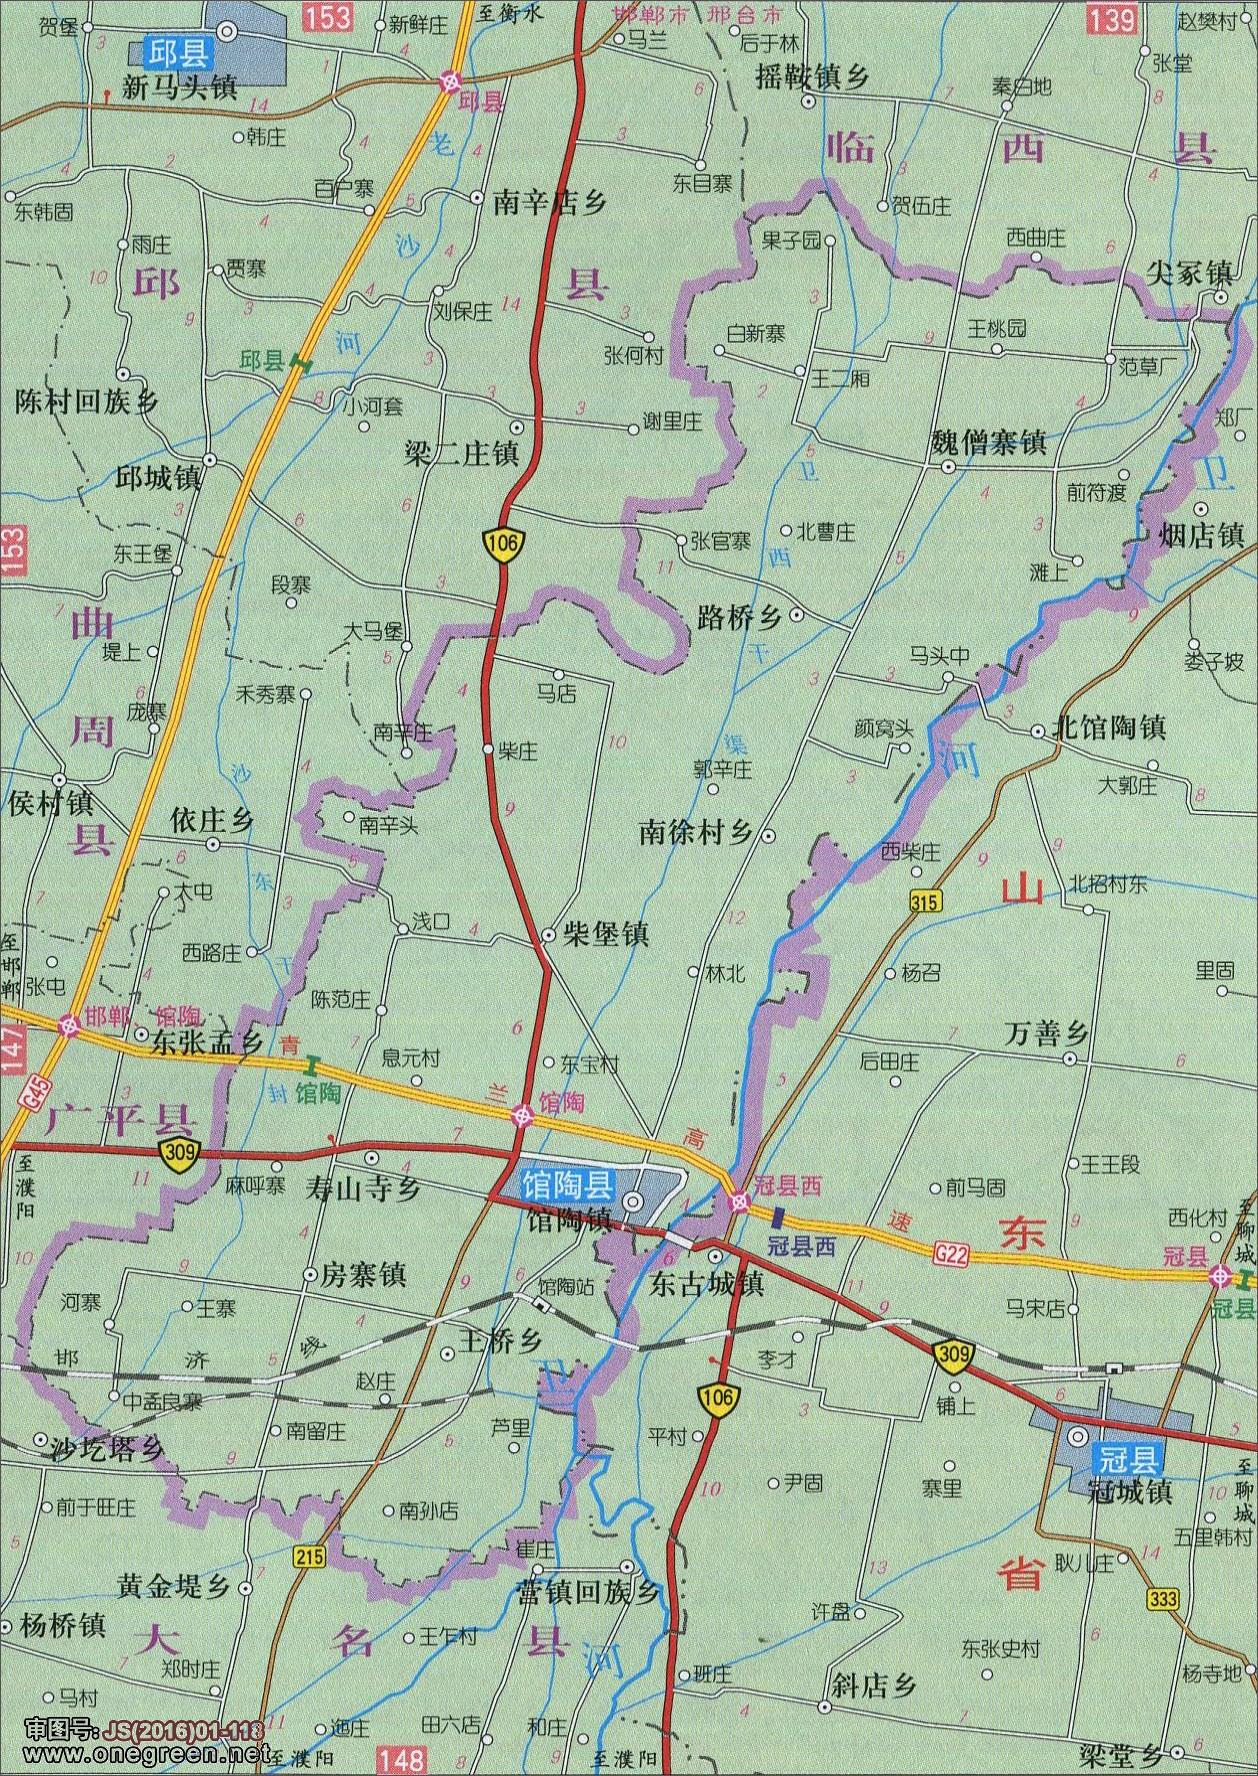 邯郸市区图高清版大地图 - 城市吧手机地图